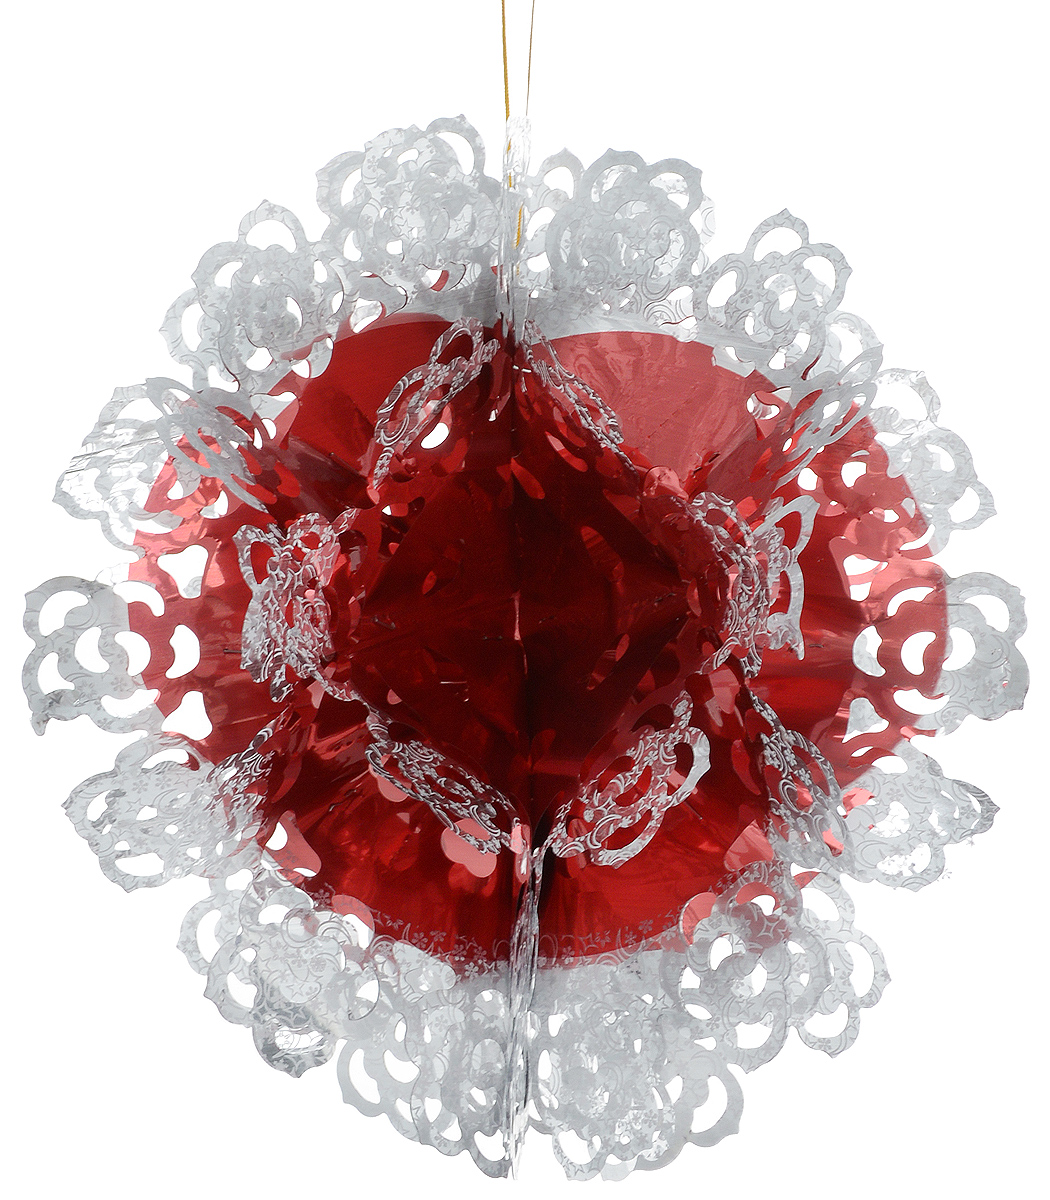 Гирлянда новогодняя Magic Time Шар ажурный красно-белый, 26 x 13 см19201Новогодняя гирлянда Magic Time Шар ажурный красно-белый прекрасно подойдет для декора дома. Украшение выполнено из ПЭТ. С помощью специальной петельки гирлянду можно повесить в любом понравившемся вам месте. Легко складывается и раскладывается.Новогодние украшения несут в себе волшебство и красоту праздника. Они помогут вам украсить дом к предстоящим праздникам и оживить интерьер по вашему вкусу. Создайте в доме атмосферу тепла, веселья и радости, украшая его всей семьей.